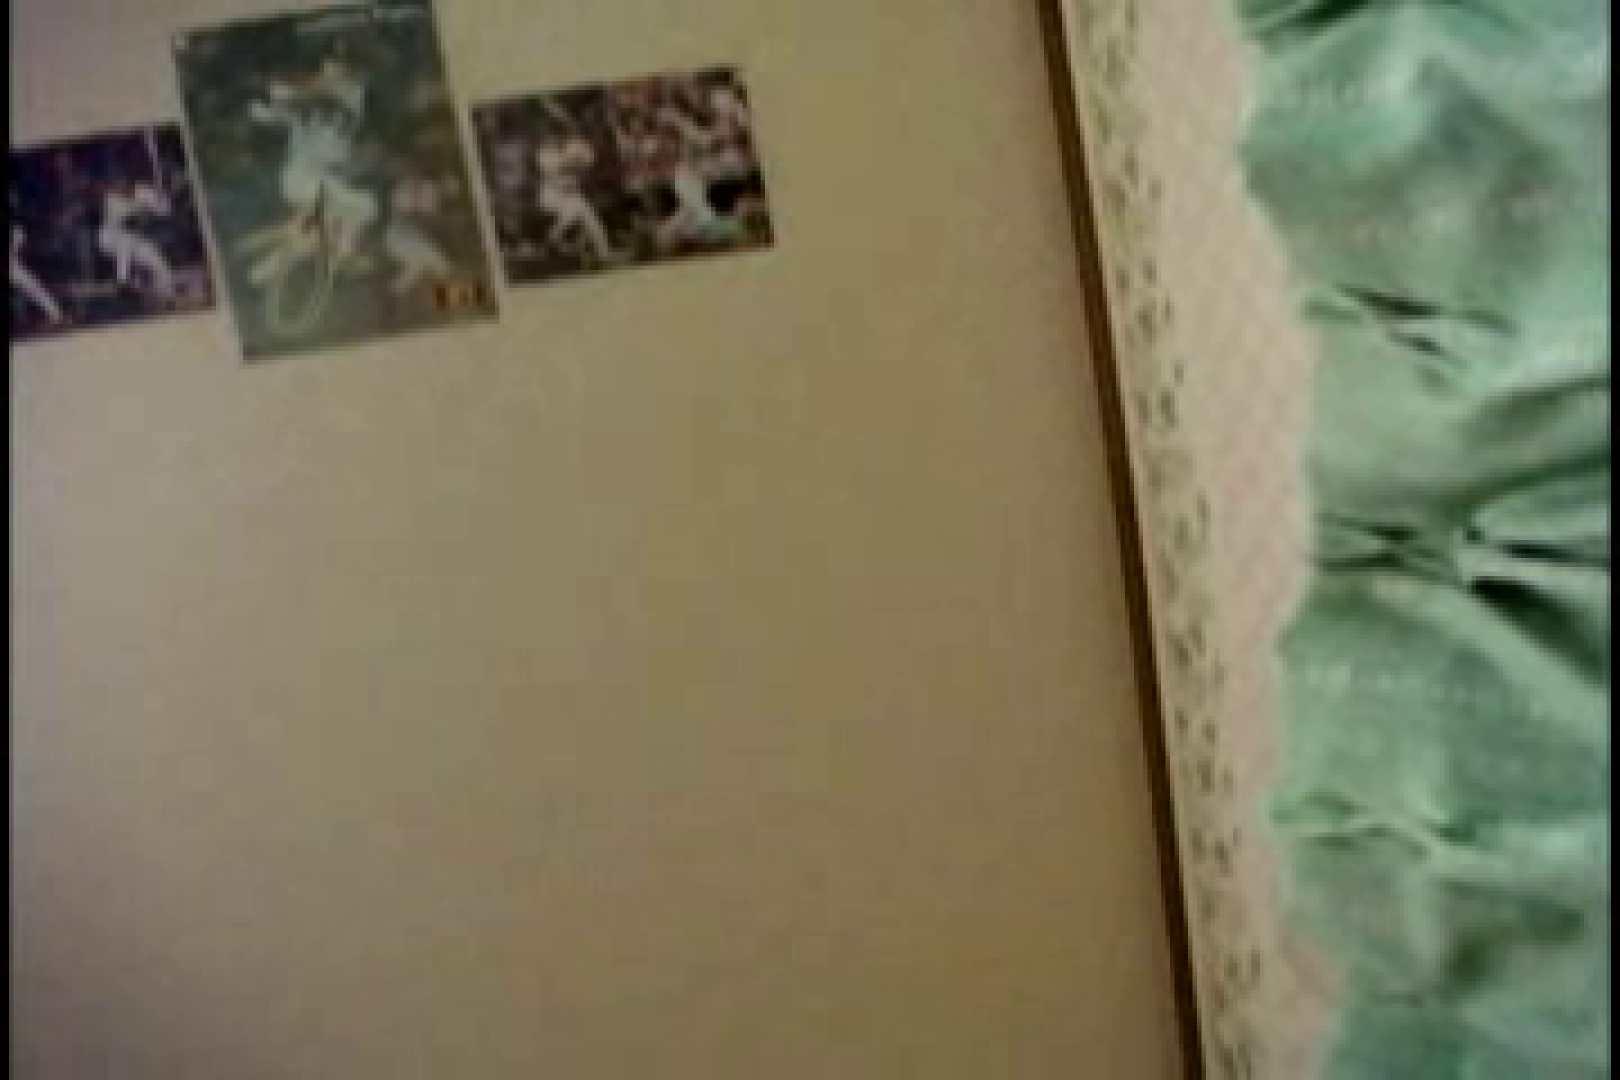 オナ好きノンケテニス部員の自画撮り投稿vol.05 射精男 ゲイエロ画像 76画像 63